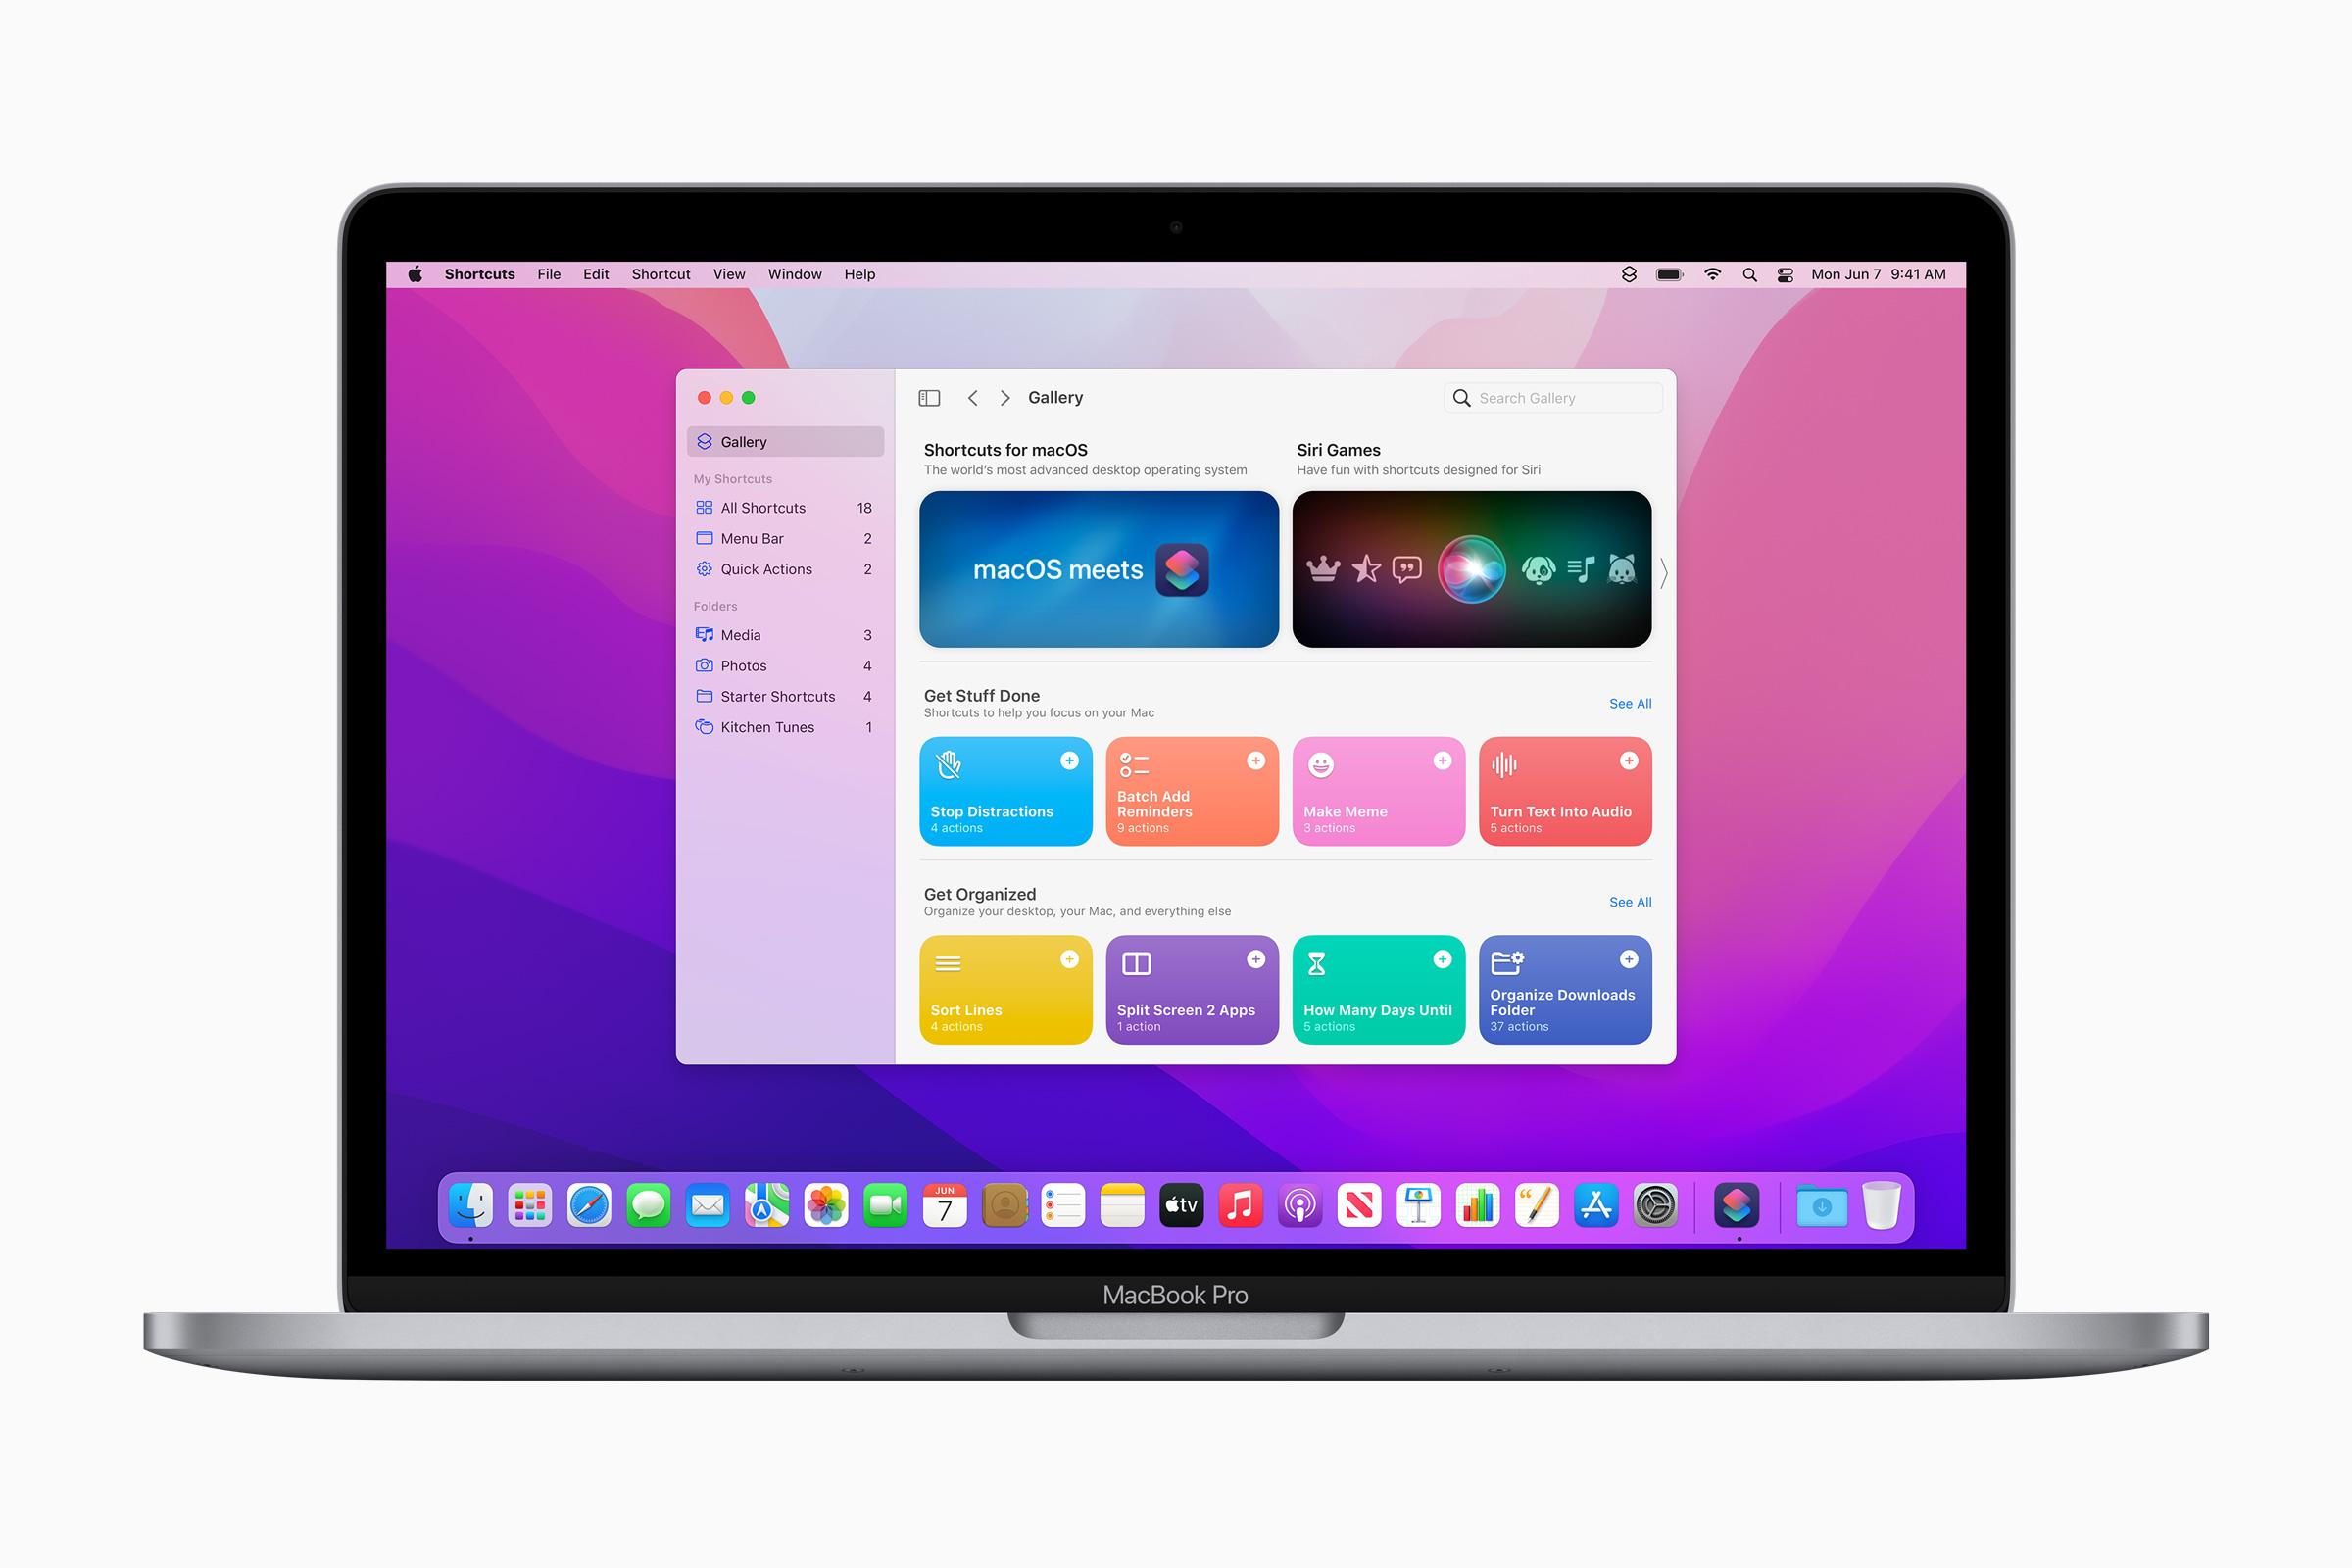 macOS Monterey Shortcuts app